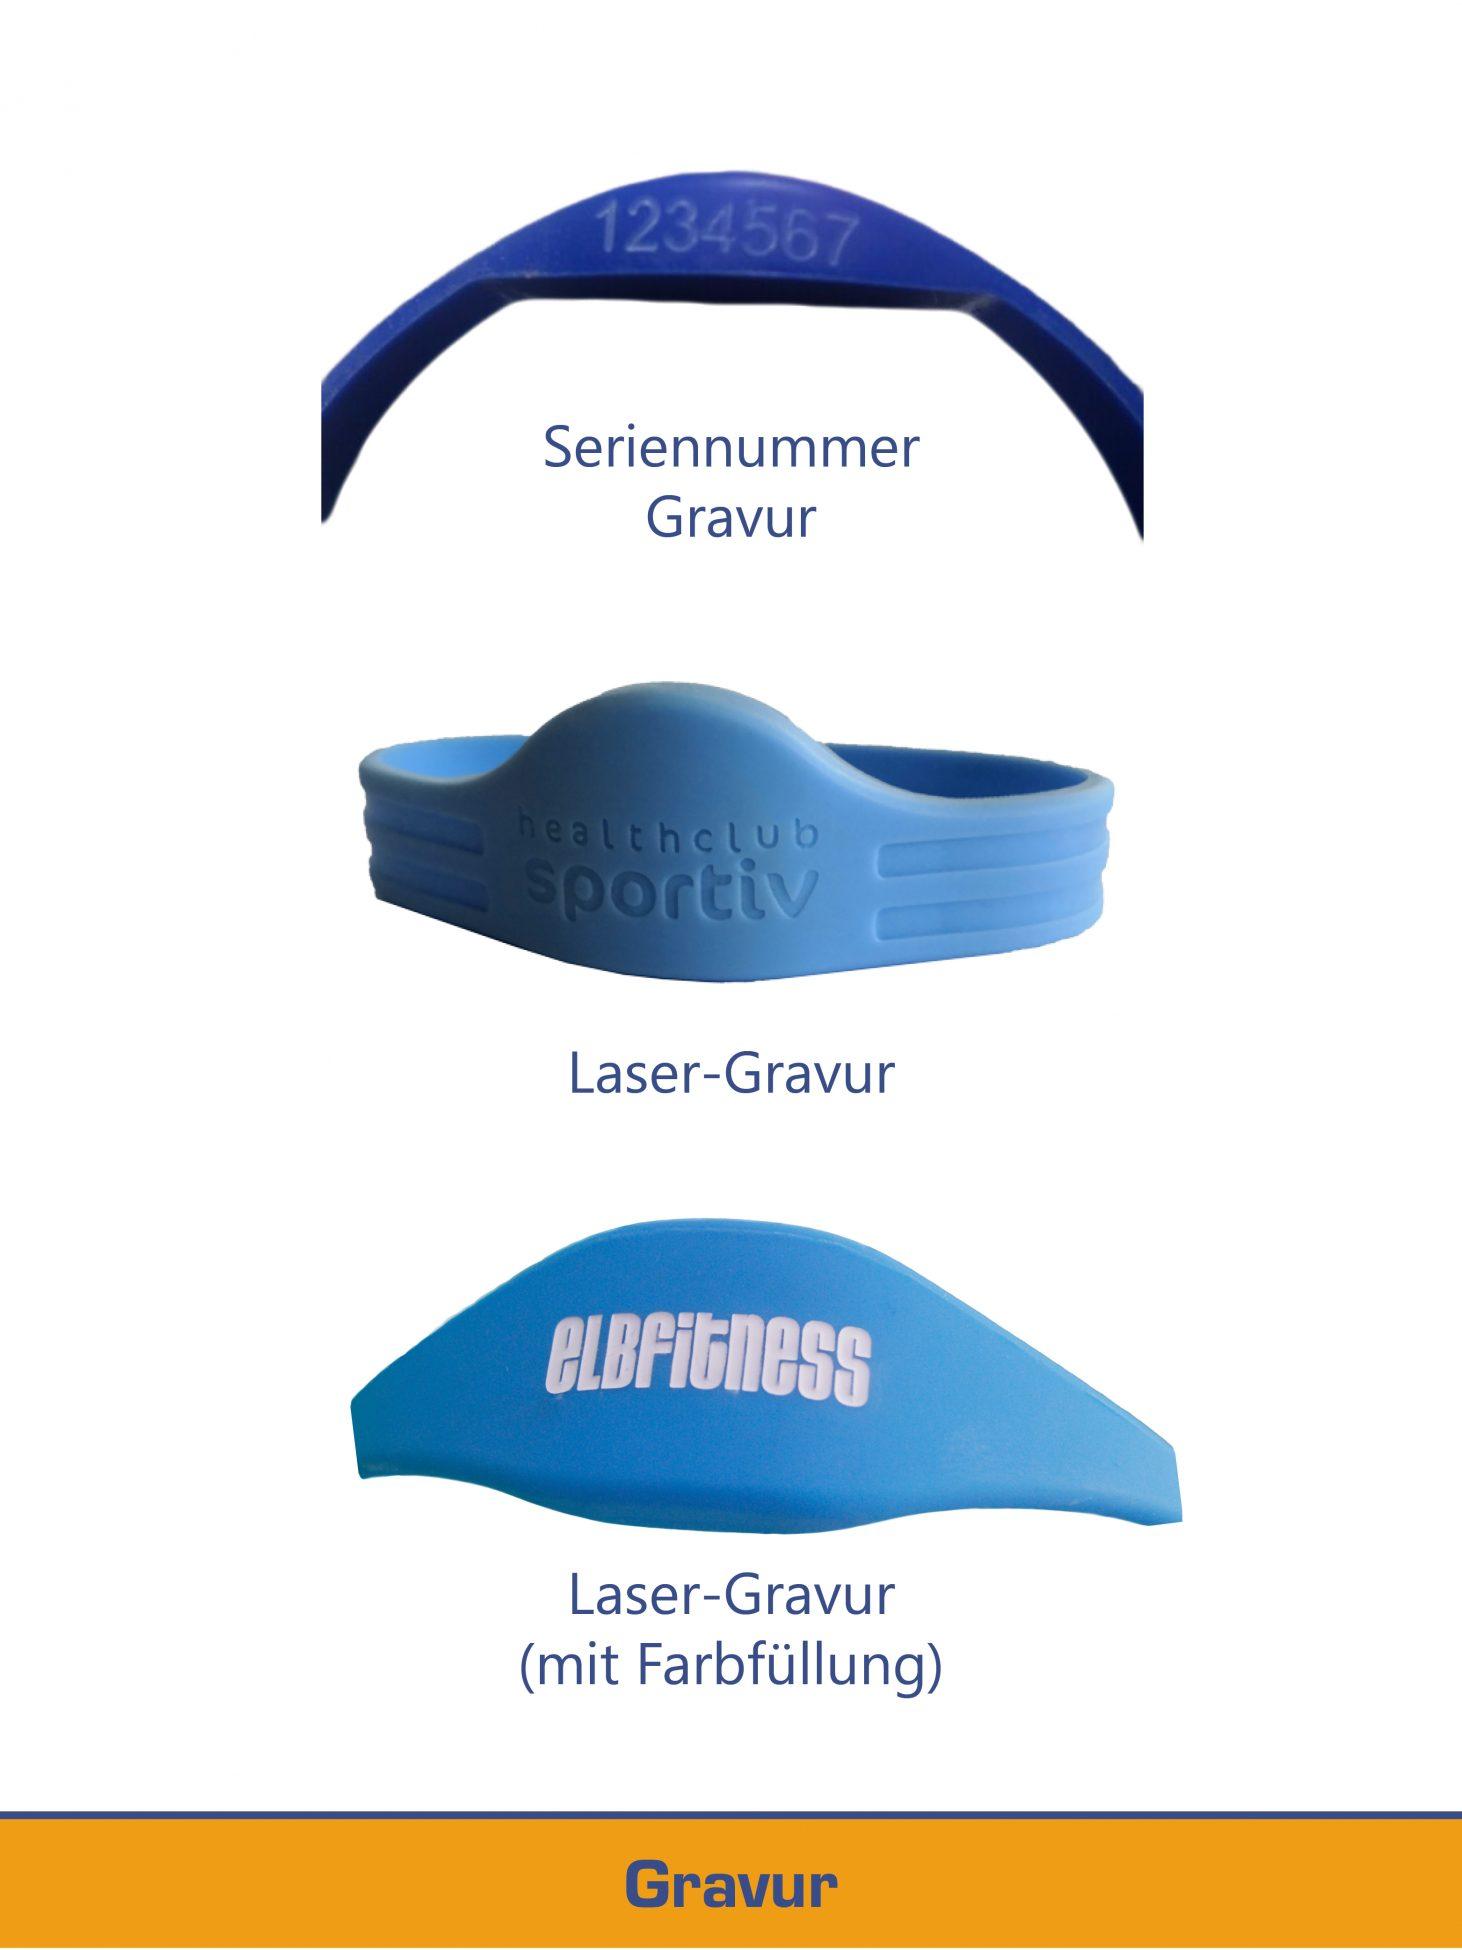 Personalisierung von Armbändern mit Laser-Gravur